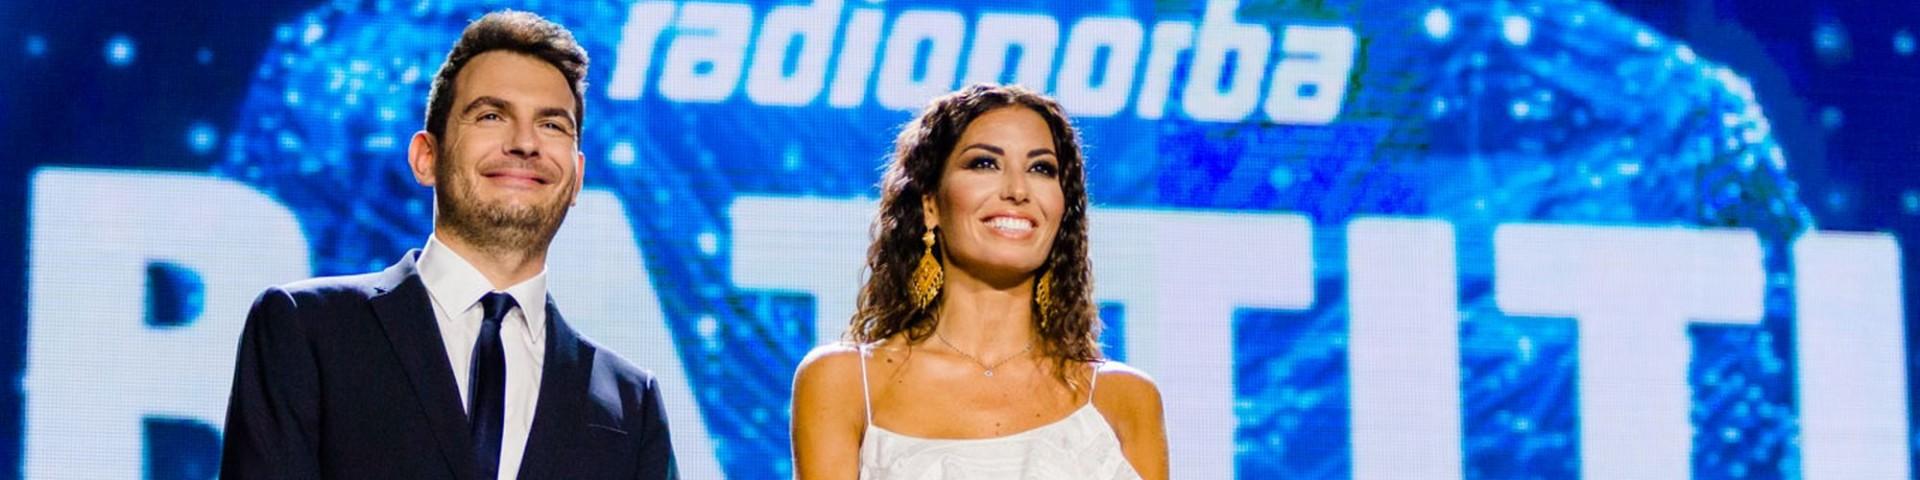 Battiti Live 2019 torna a Bari: ecco quando